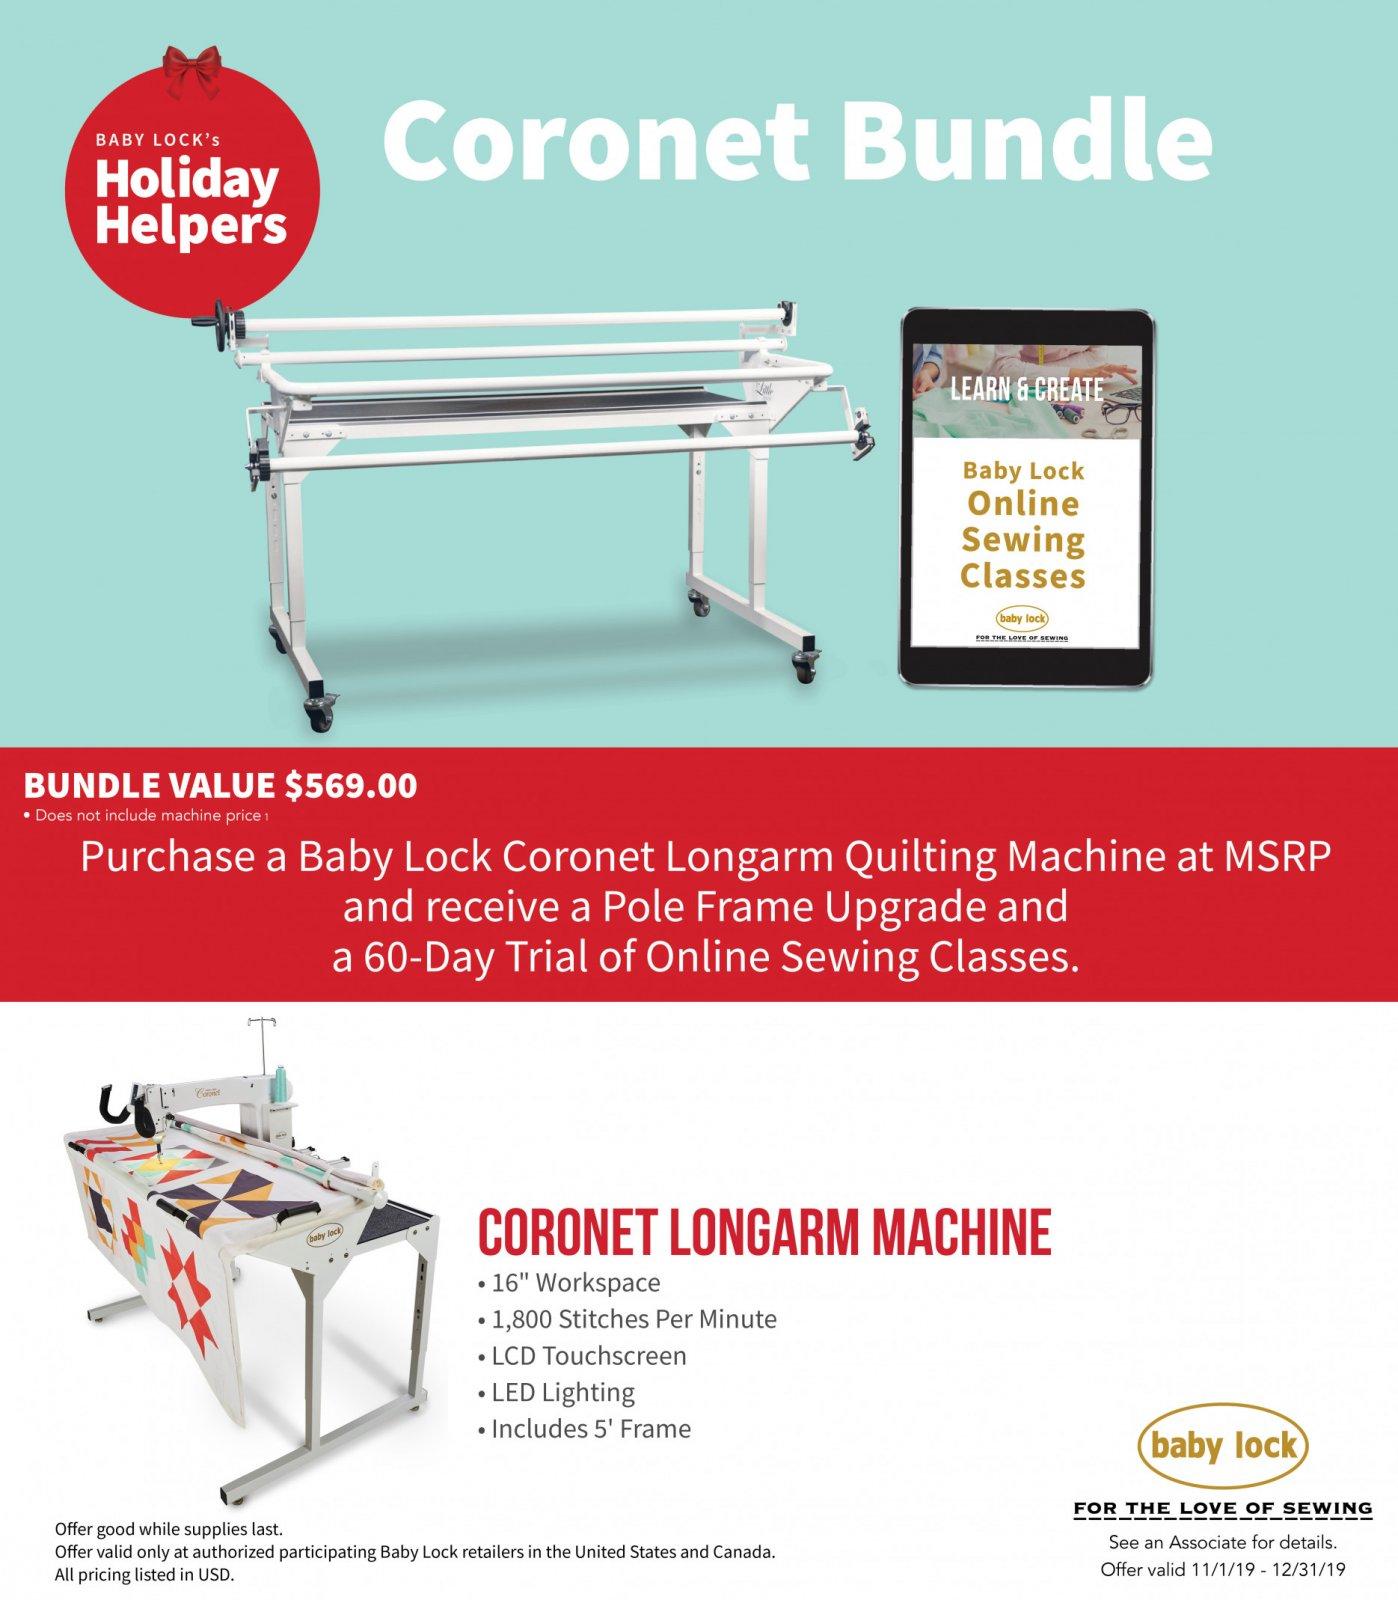 Coronet Promo Deal